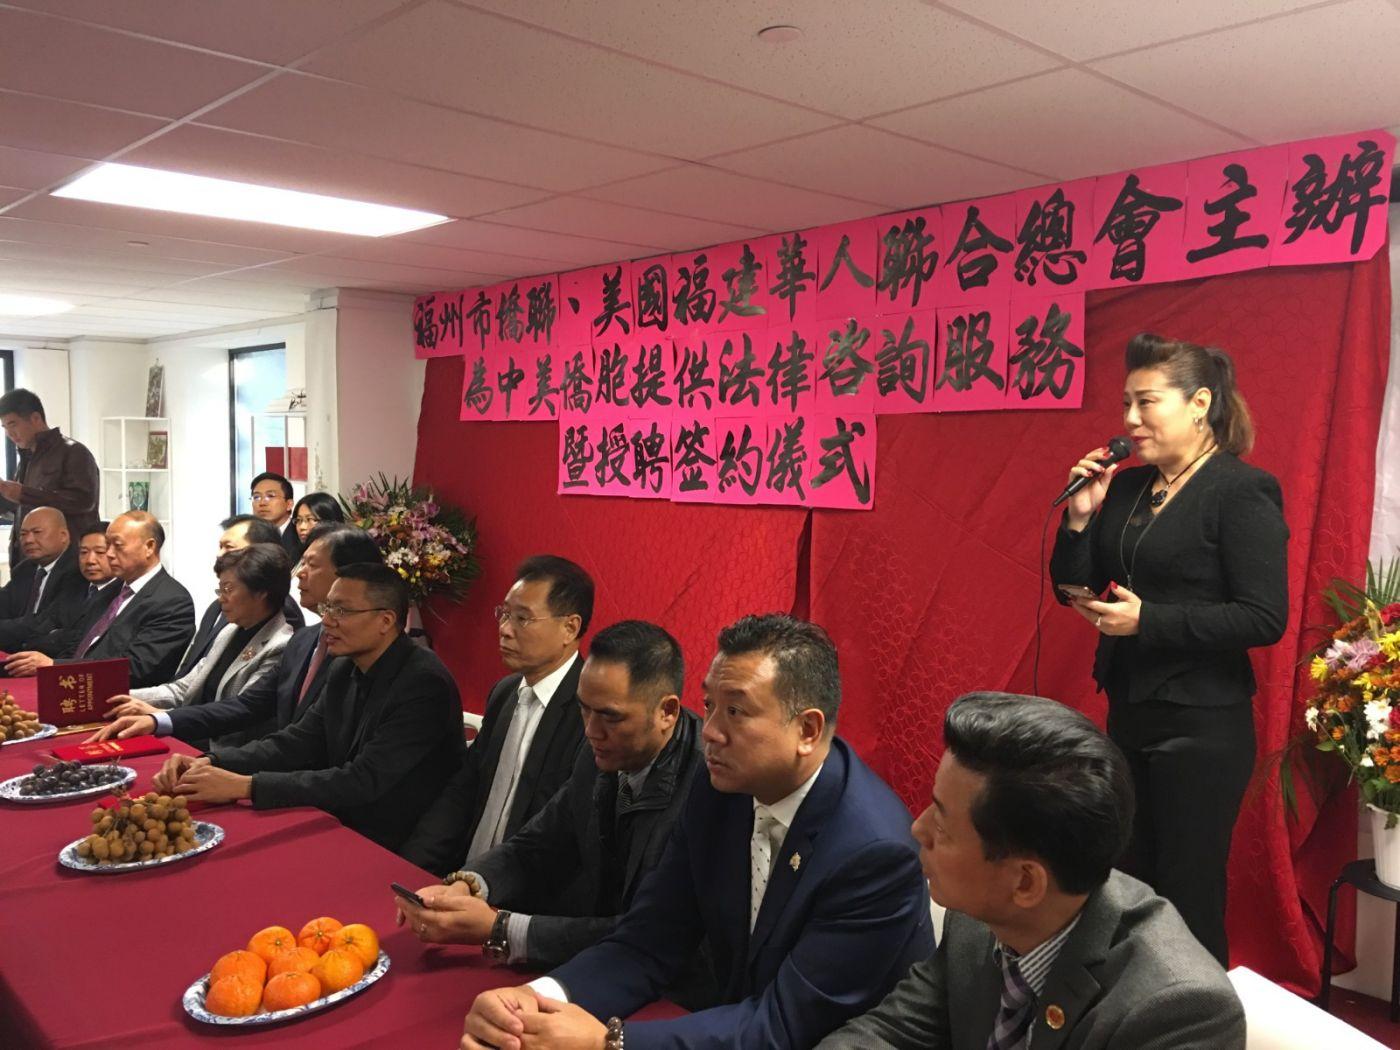 美国福建华人联合会欢迎福州市侨联主席蓝桂兰访美代表团一行 ... ..._图1-15